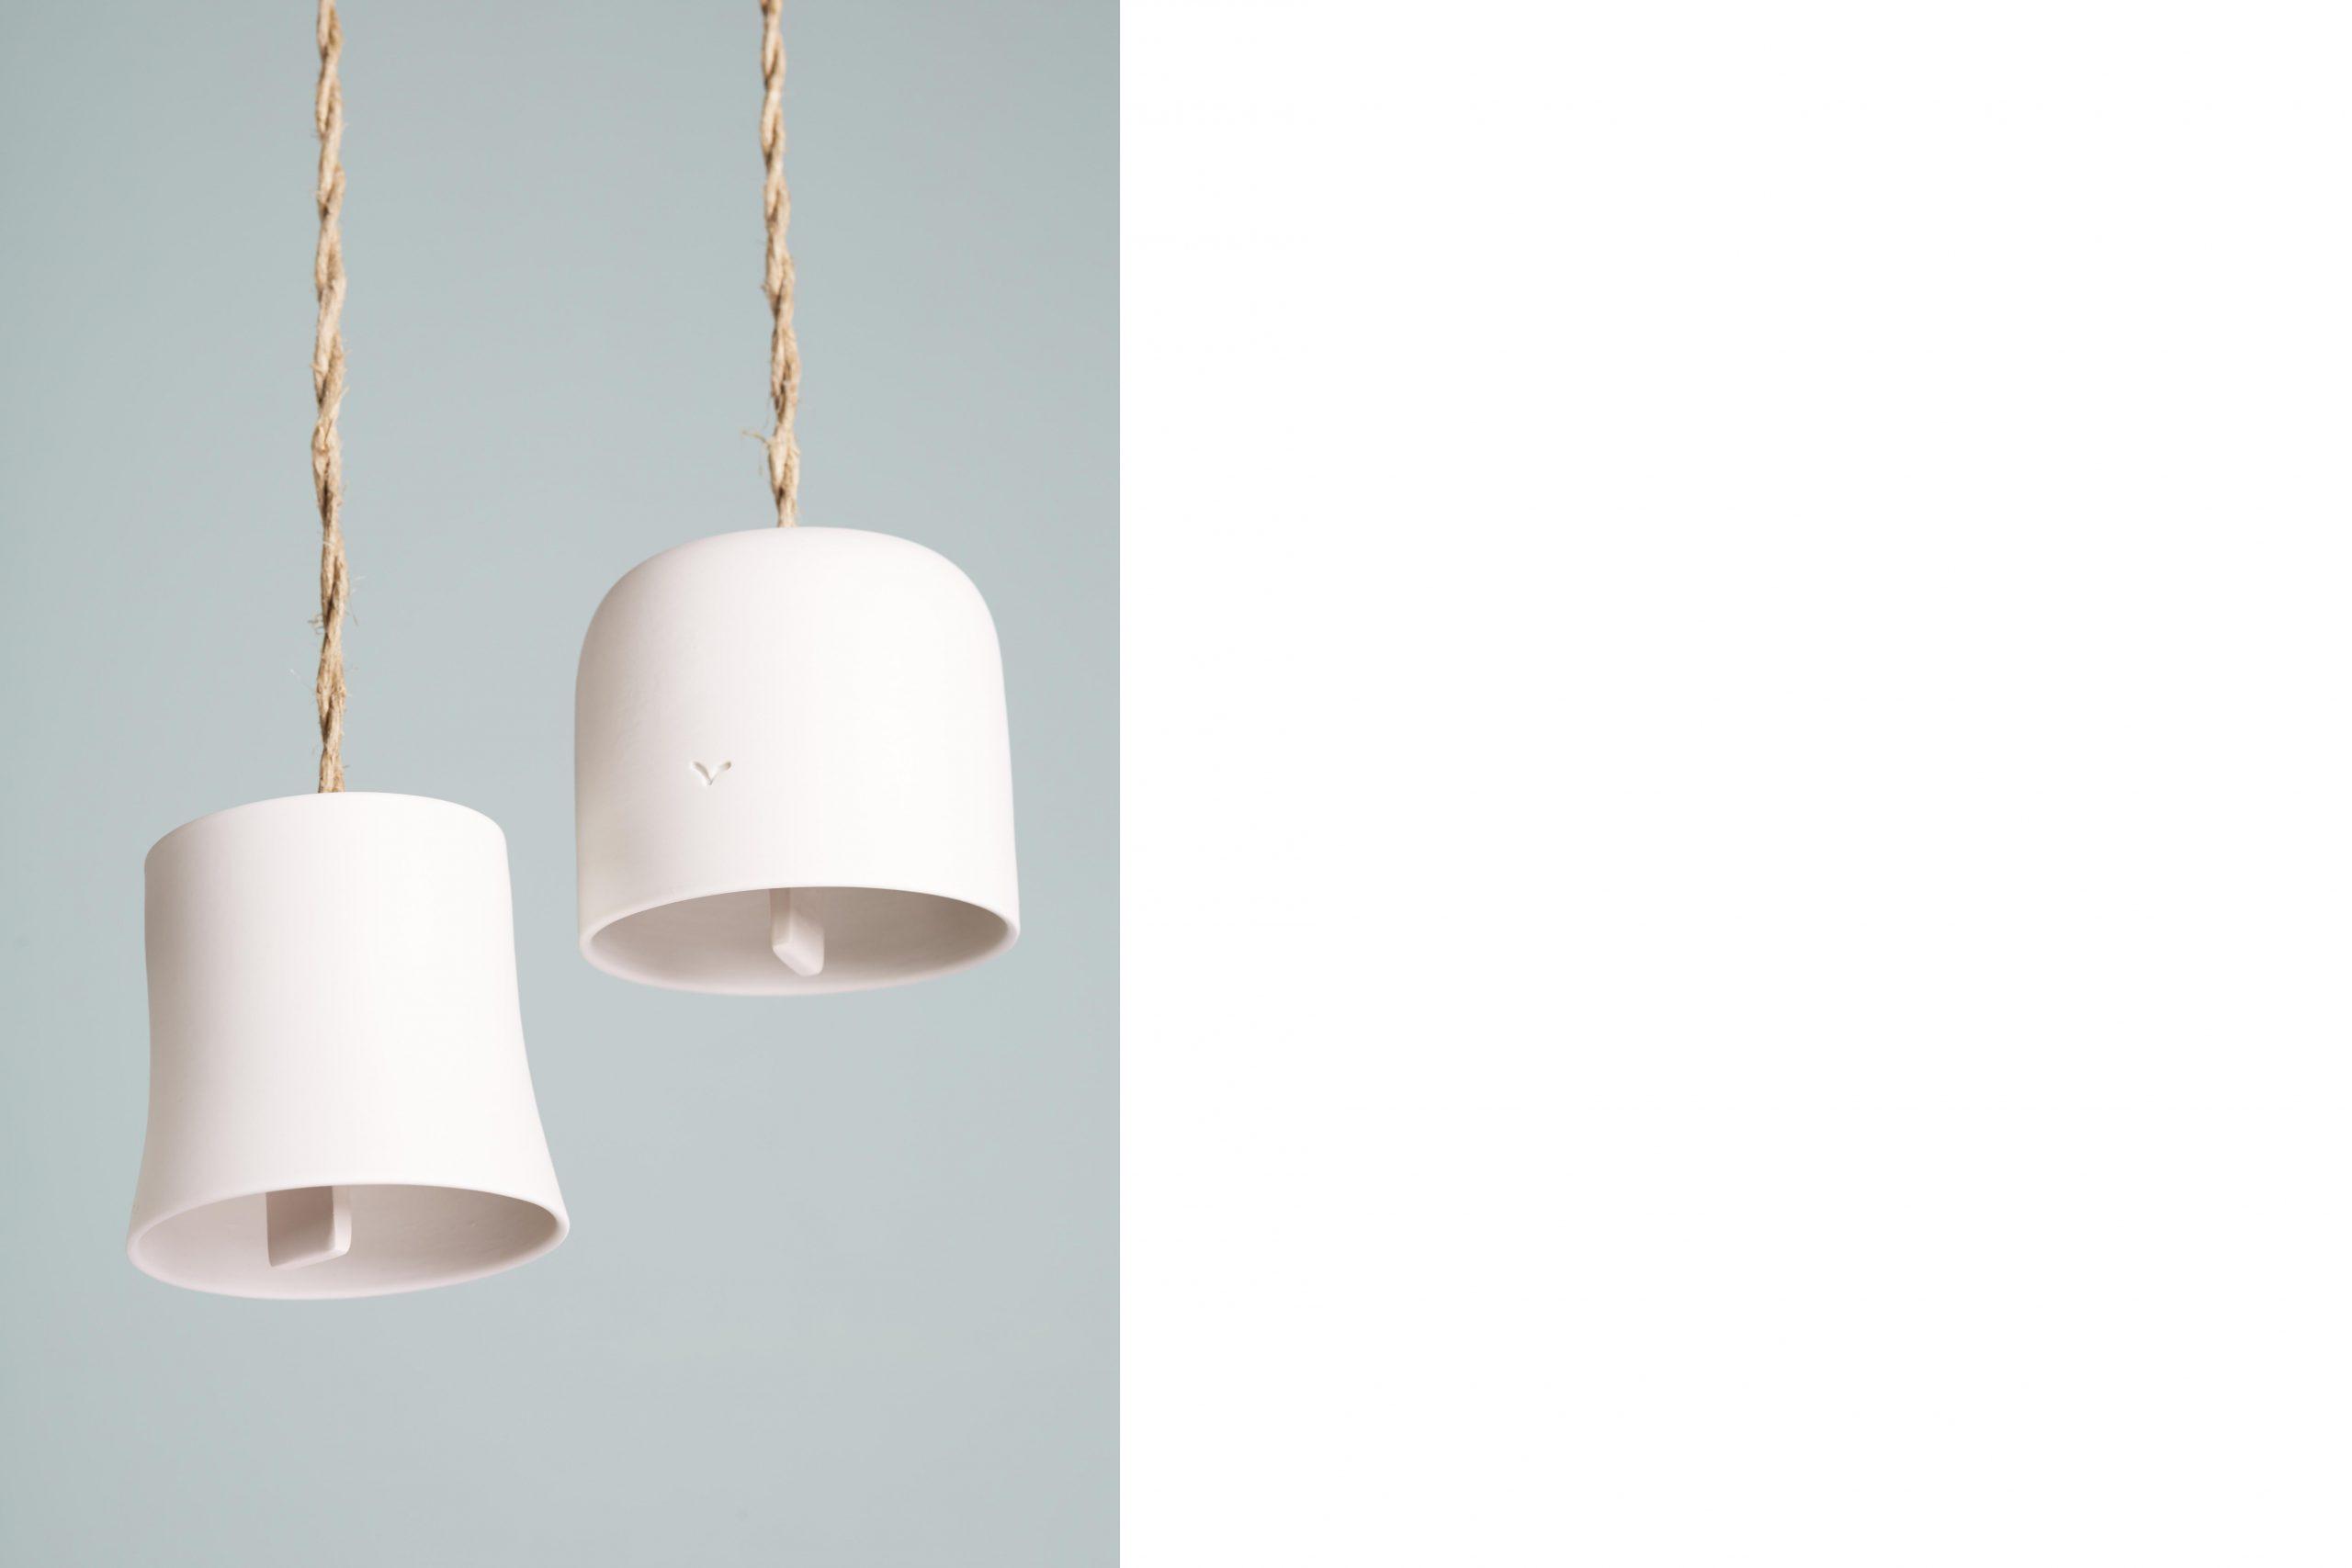 dettaglio di due campanelle in porcellana bianca sospese con della corda intrecciata - artigianale - Federica Ramacciotti